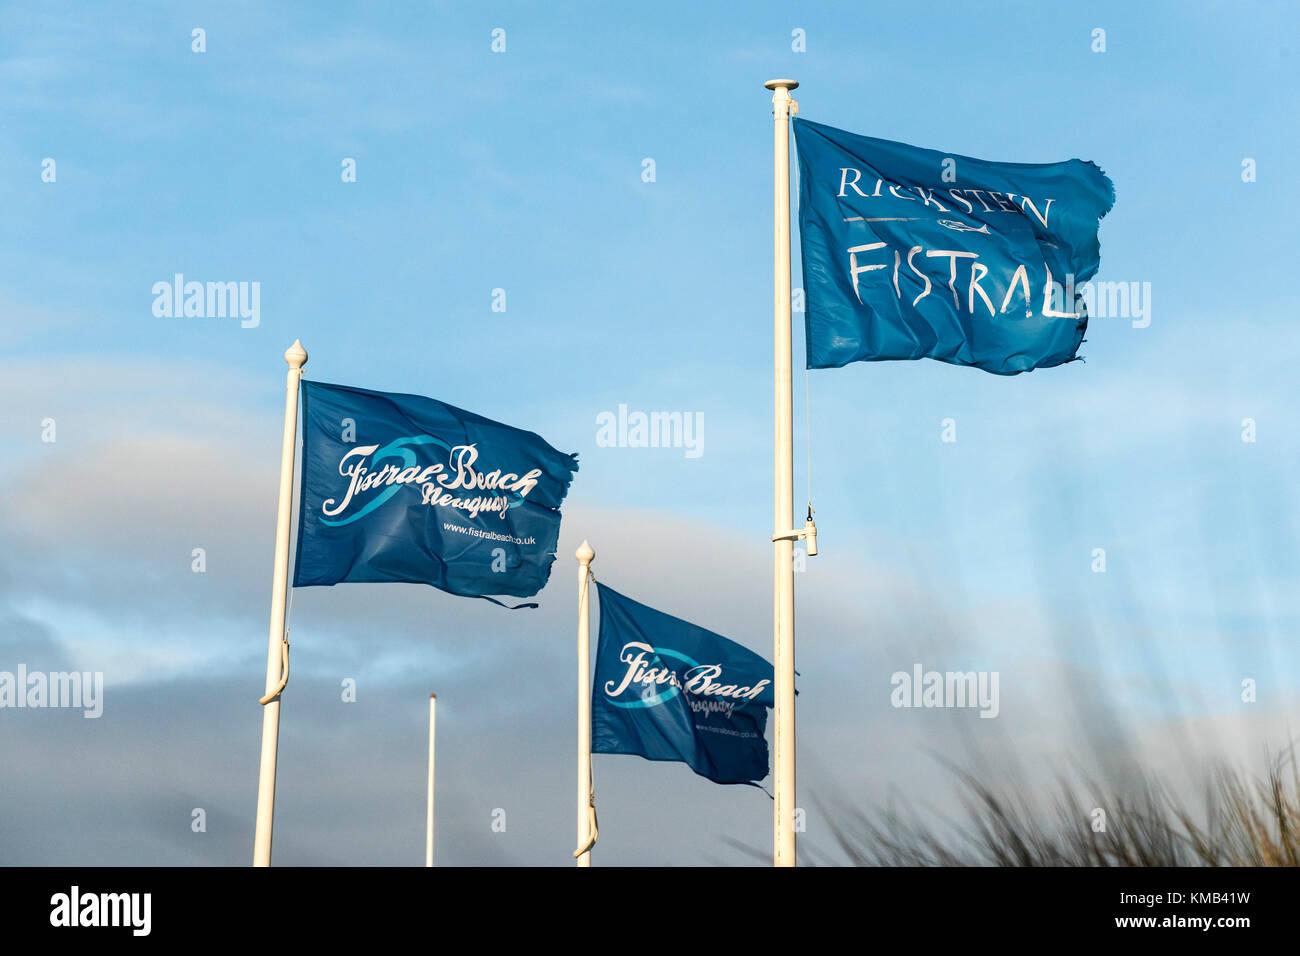 Fahnen Werbung Rick Stein und Fistral Beach in Newquay Cornwall im Vereinigten Königreich. Stockbild